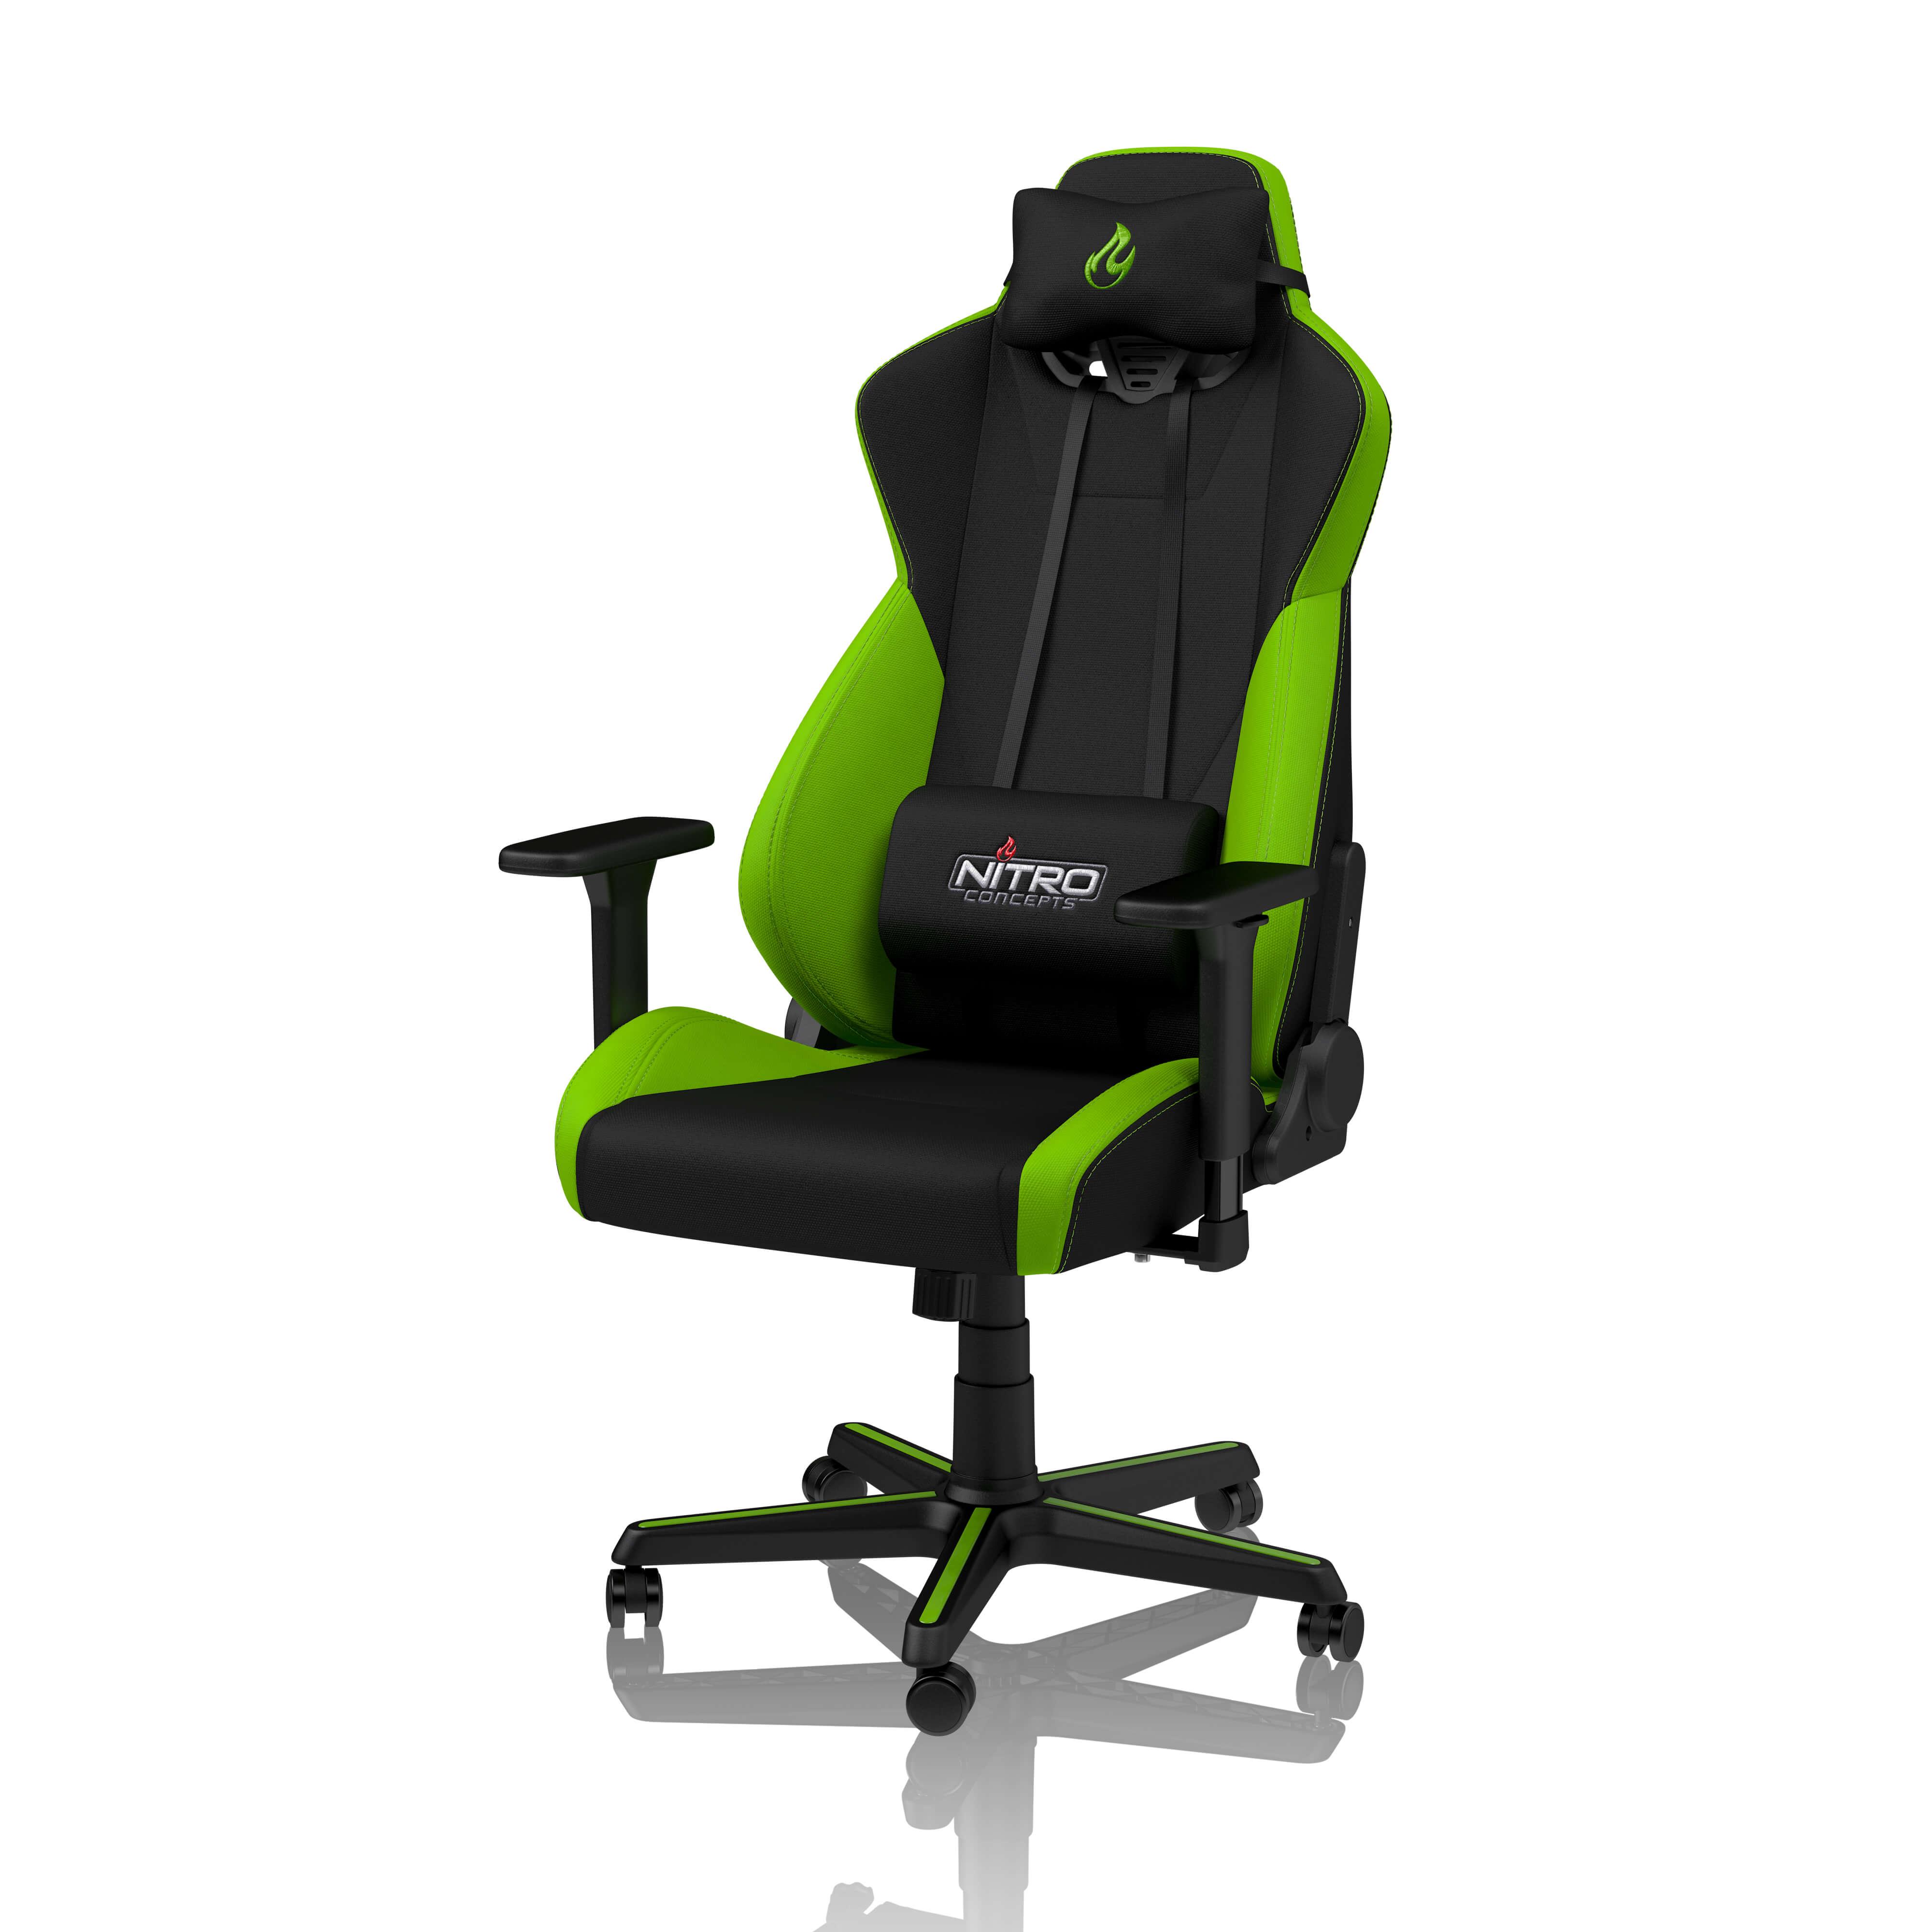 fauteuil Concepts S300du pour tous Nitro – gaming Test hQxdCtsr